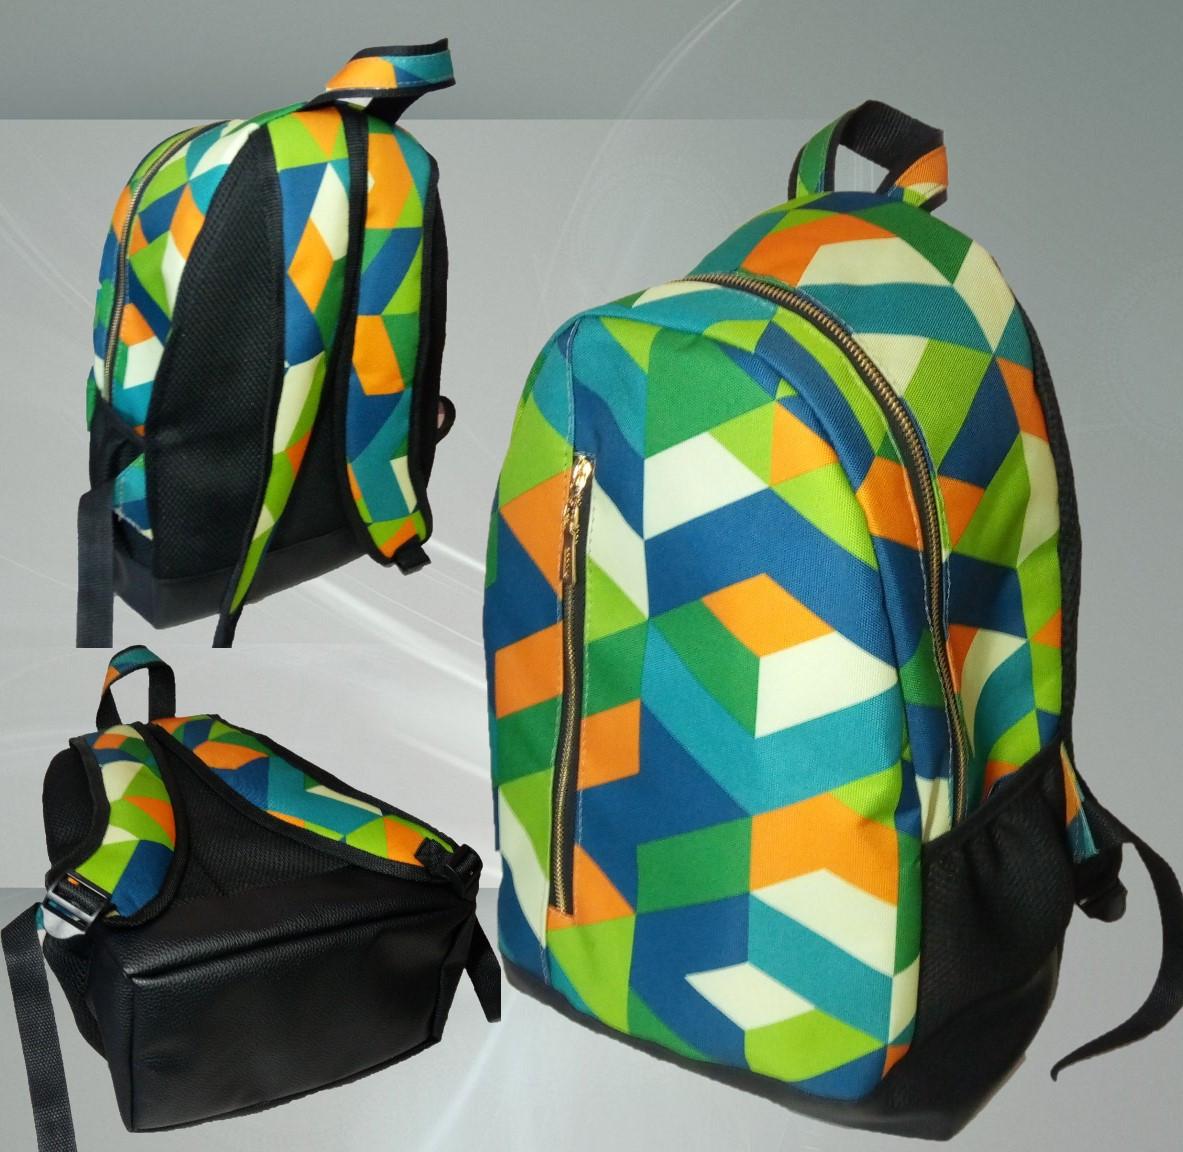 Рюкзак женский ,принт Купить оптом рюкзаки. Рюкзаки сумки опт розница